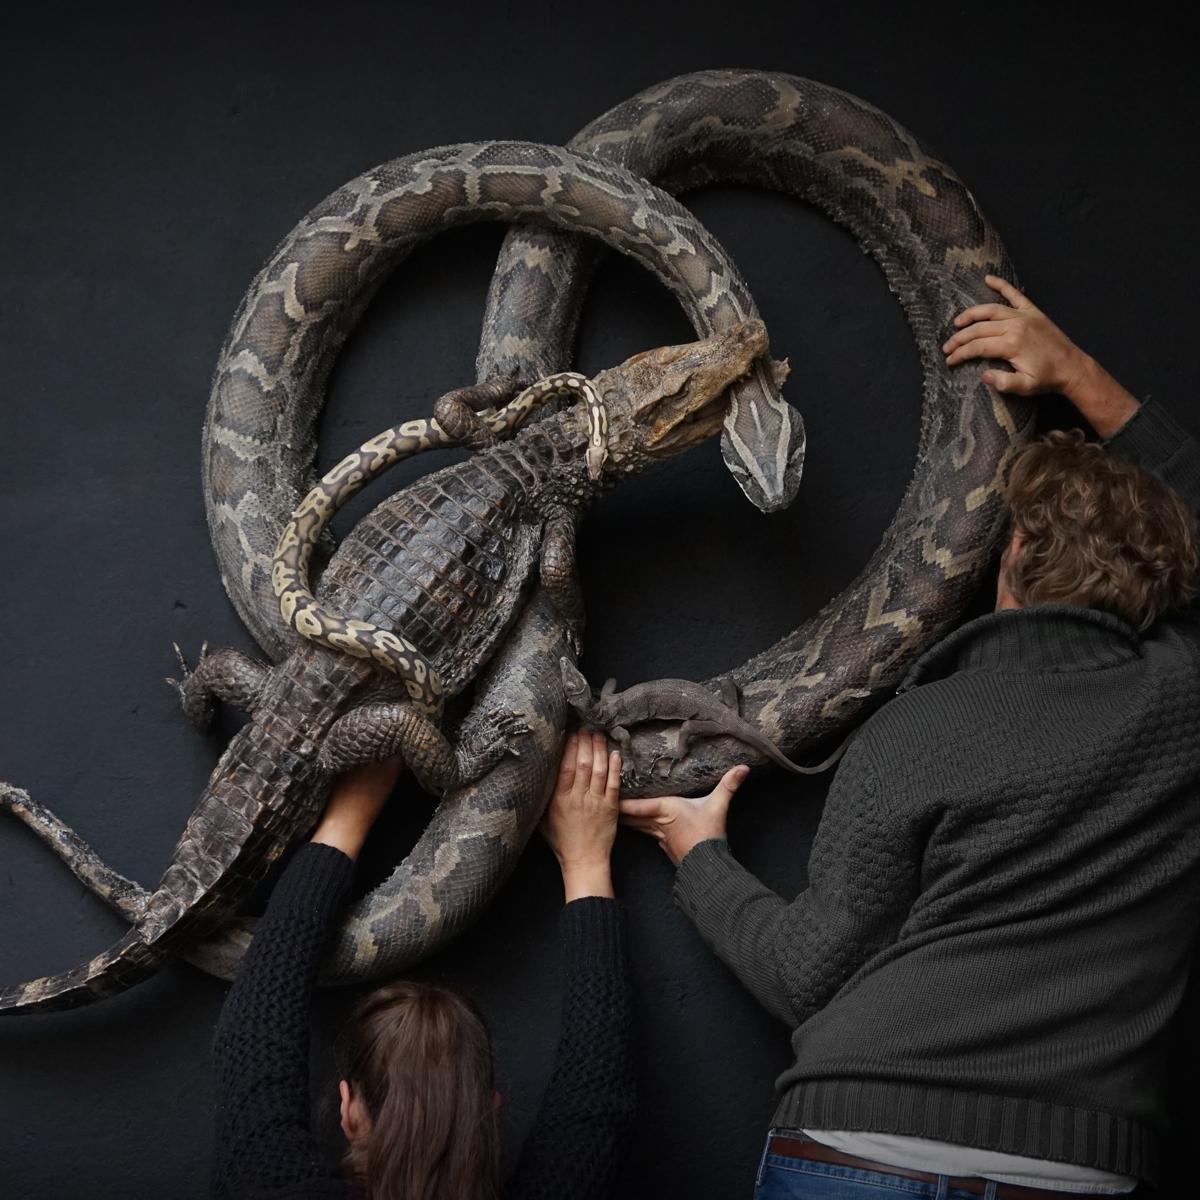 Snakes-Commission-2.jpg